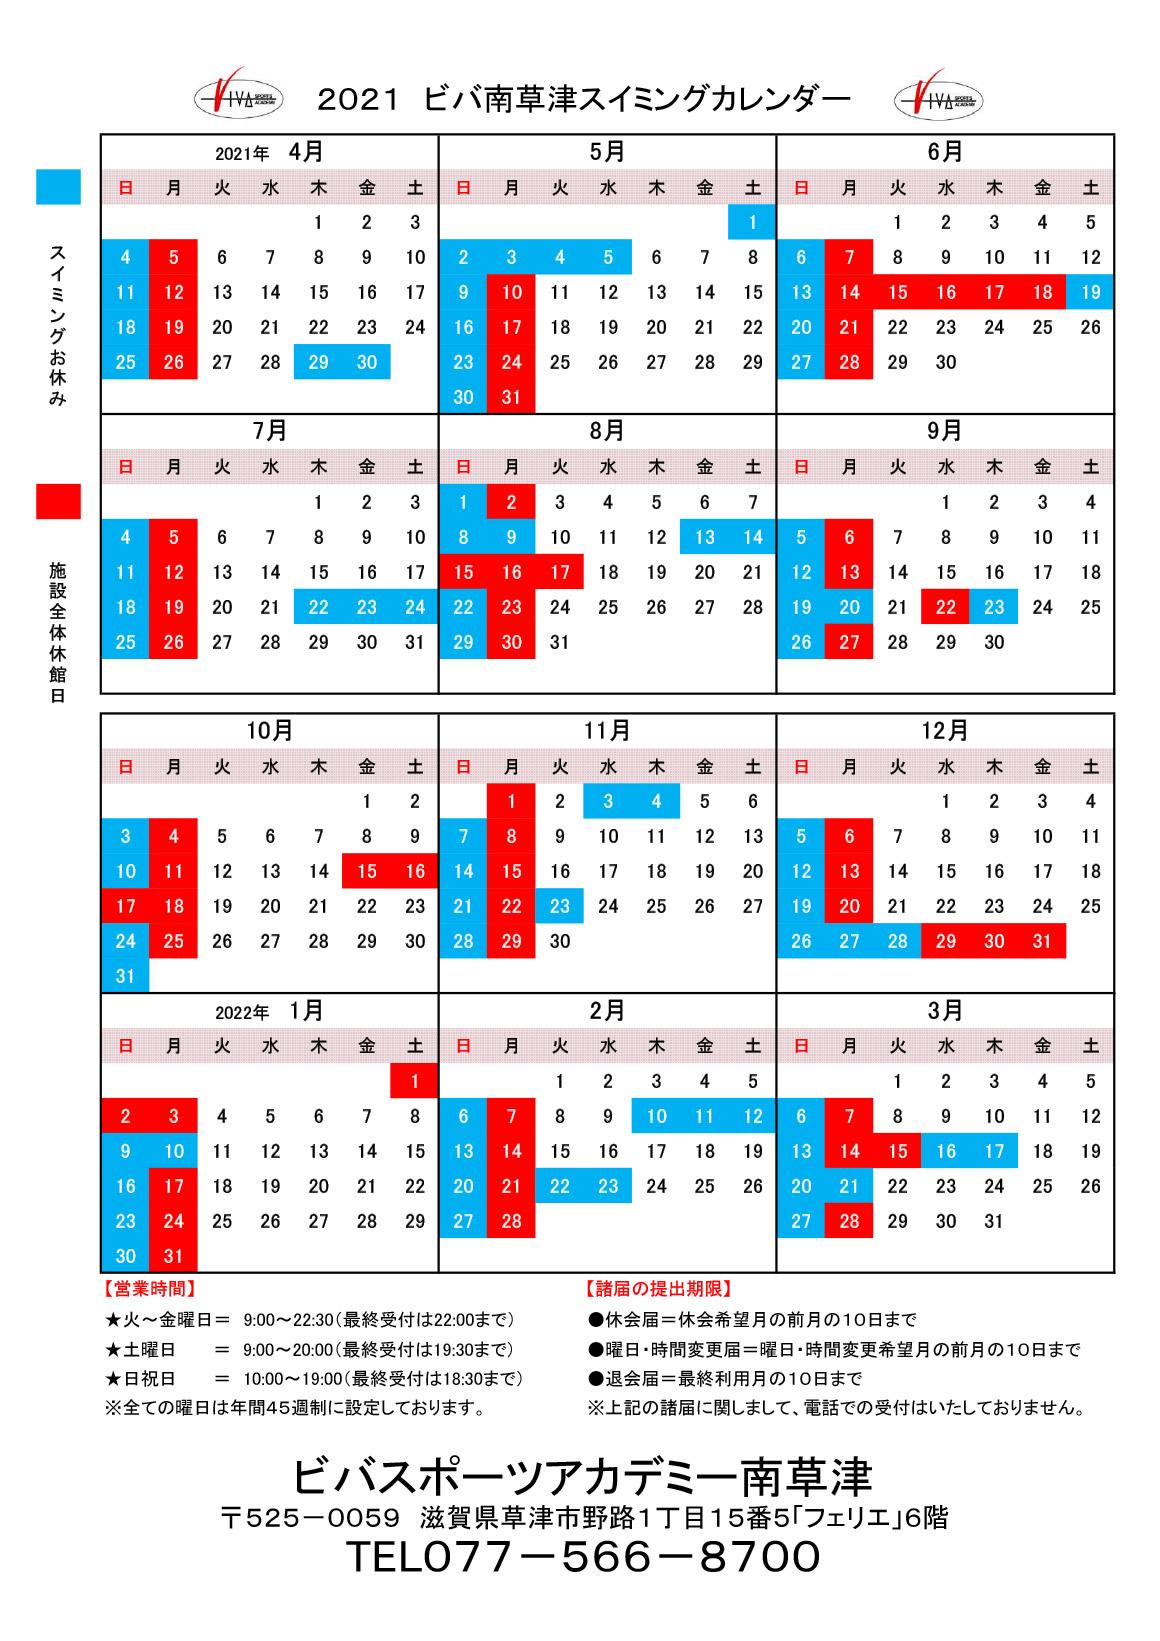 ビバスポーツアカデミー南草津 年間カレンダー